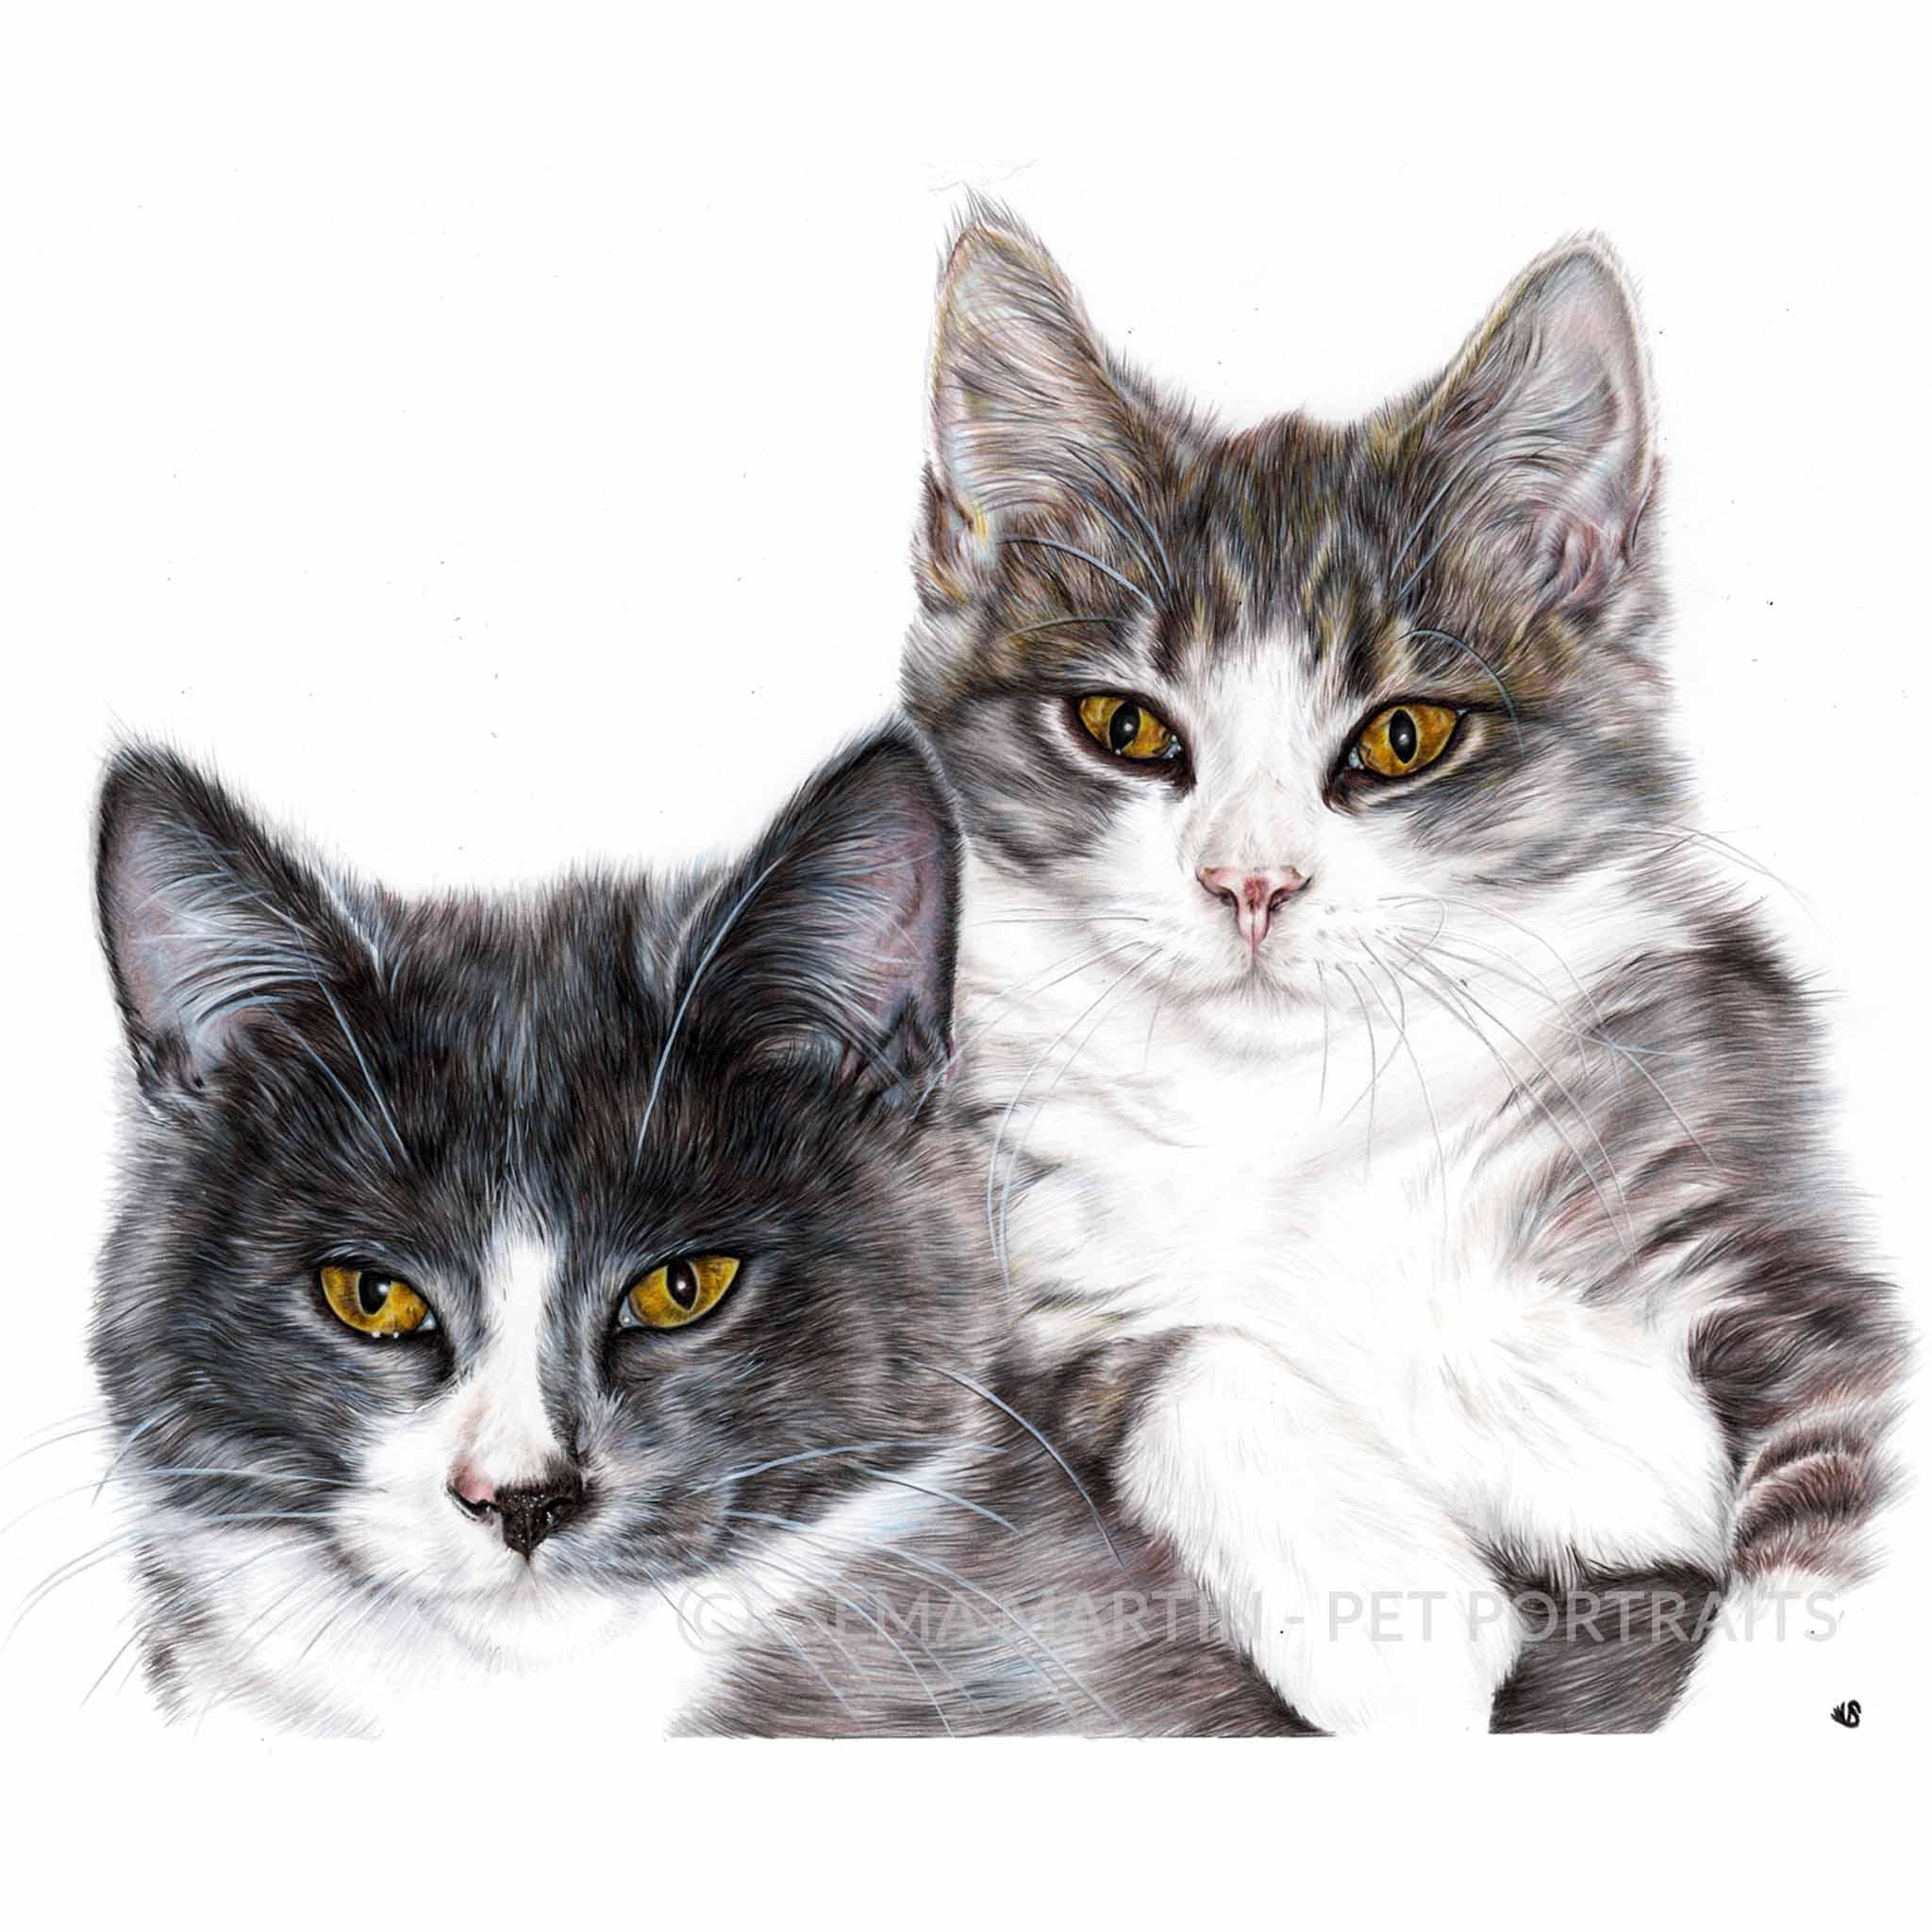 'Ollie & Charlie' - AUS, 16.5 x 11.7 inches, 2018, colour pencil cats cuddling portrait